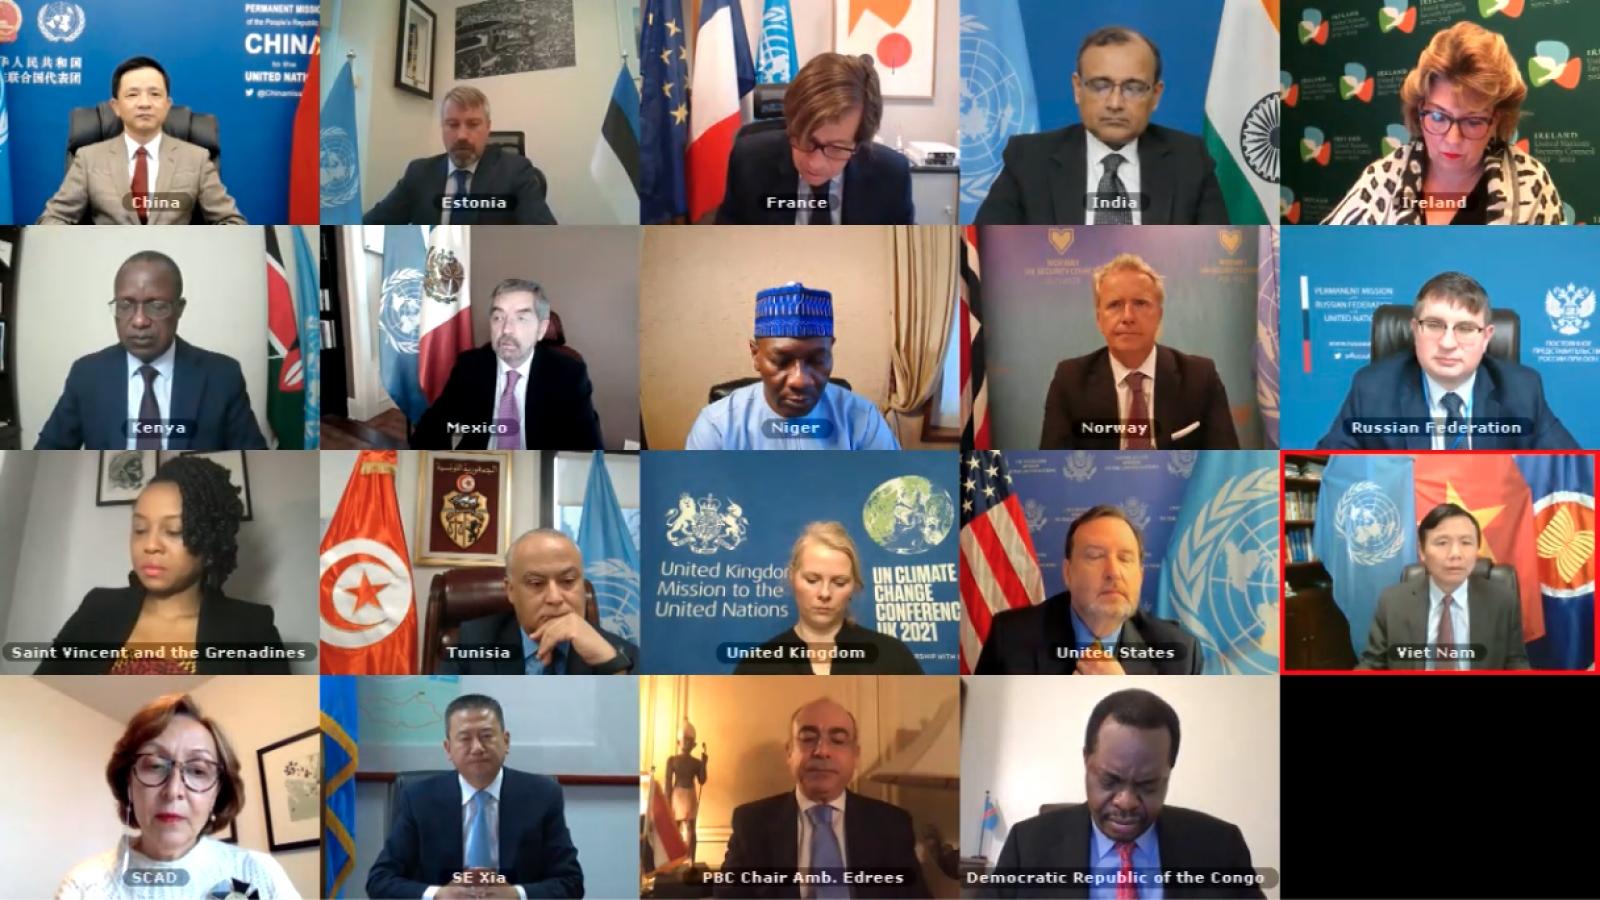 Hội đồng Bảo an LHQ thảo luận về thách thức an ninh tại khu vực Các Hồ Lớn châu Phi